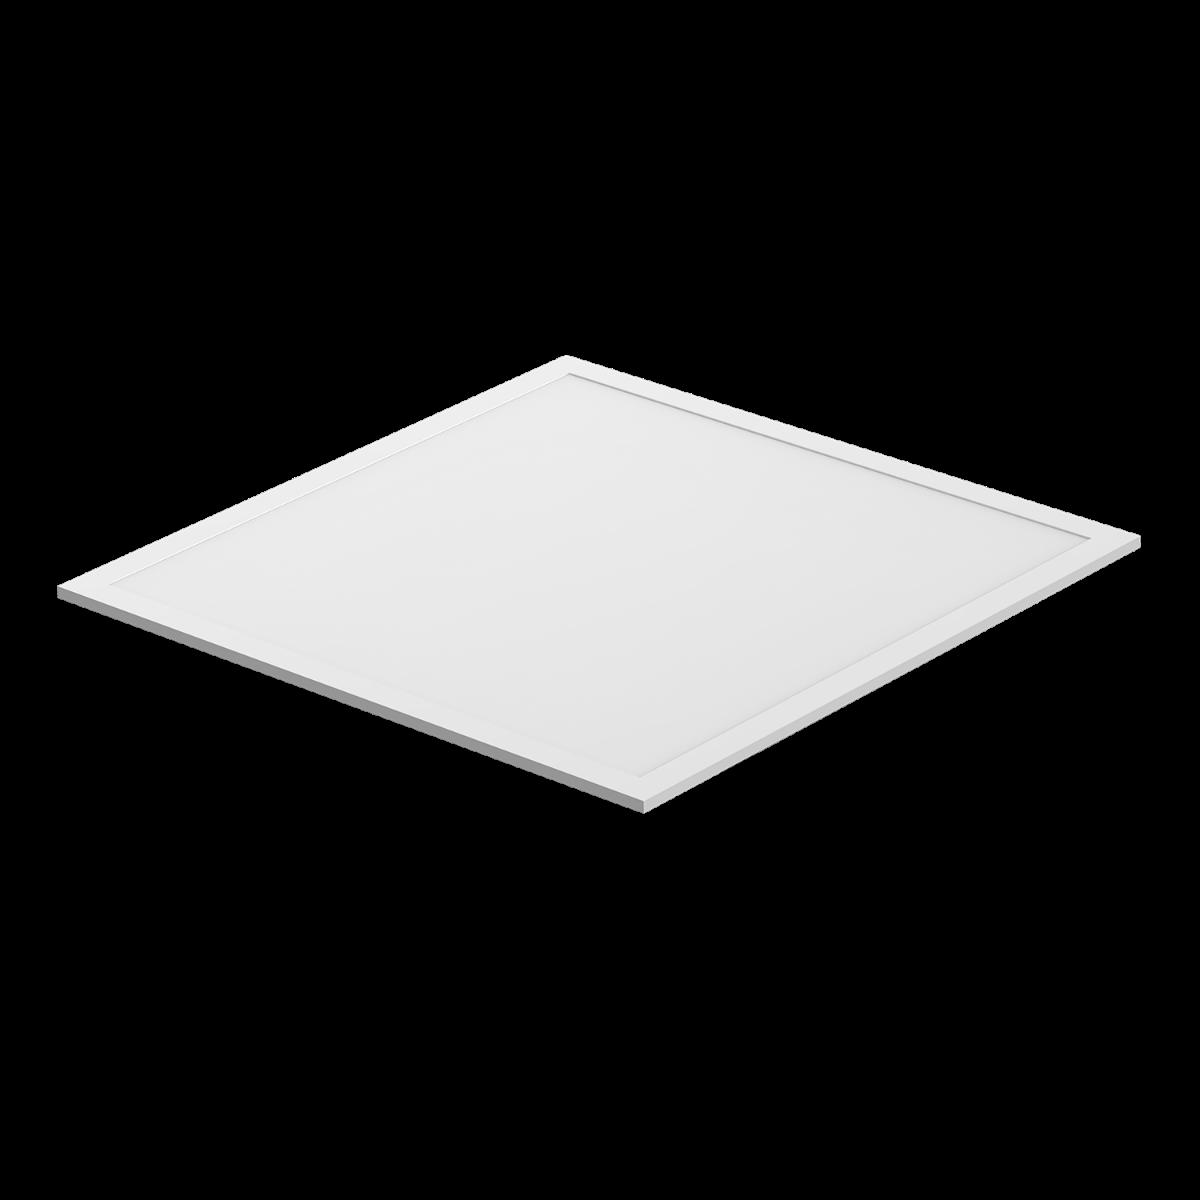 Noxion LED Paneeli Econox 32W 60x60cm 4000K 4400lm UGR <22   Kylmä Valkoinen - Korvaa 4x18W